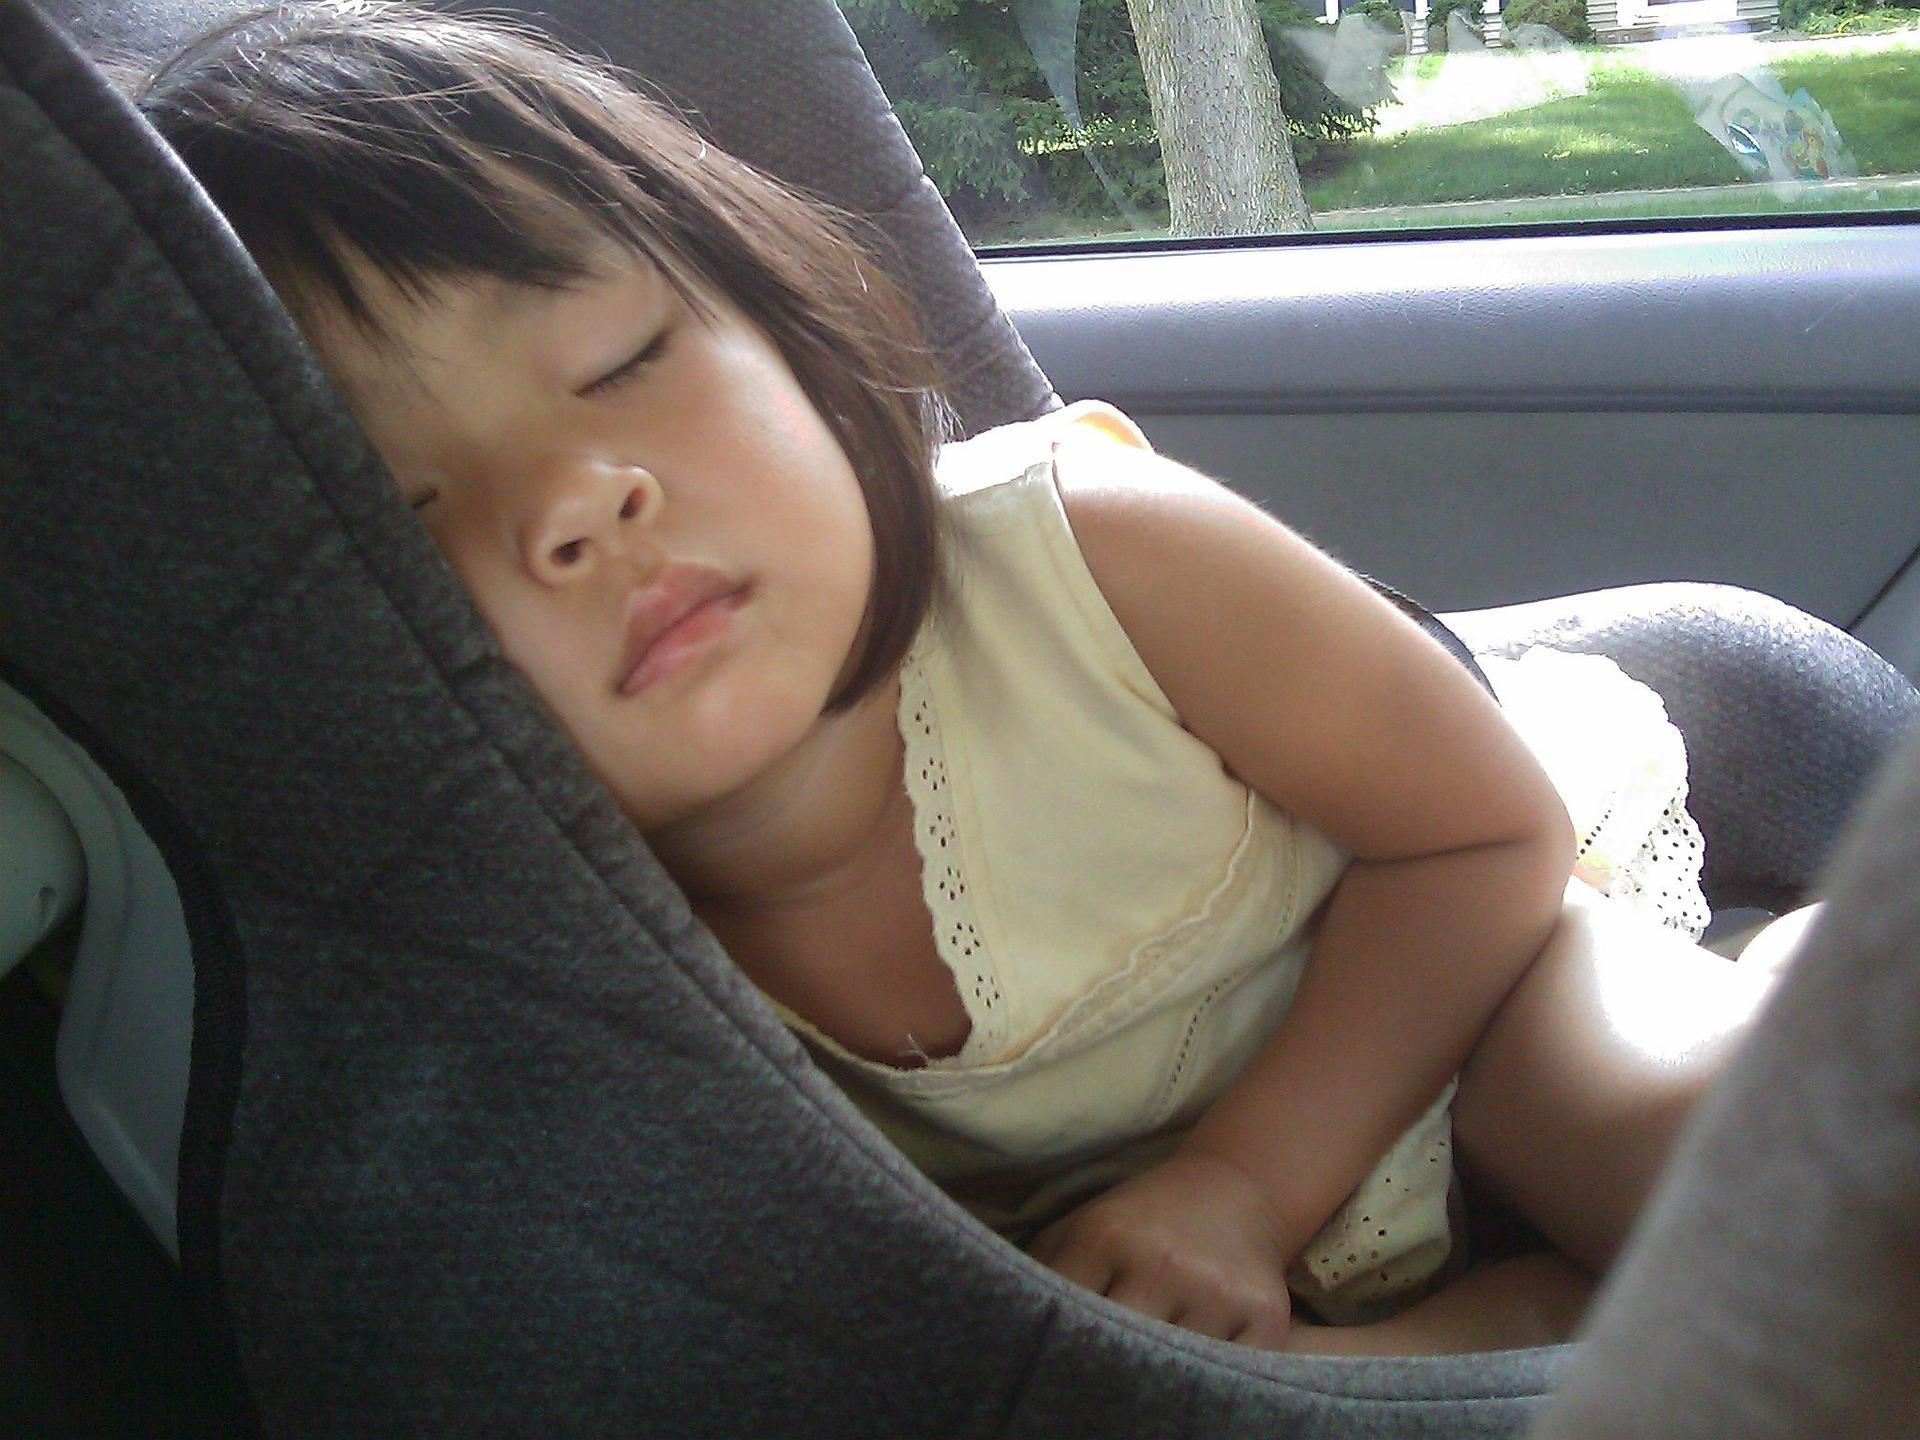 ¿Es segura nuestra silla infantil para el coche?